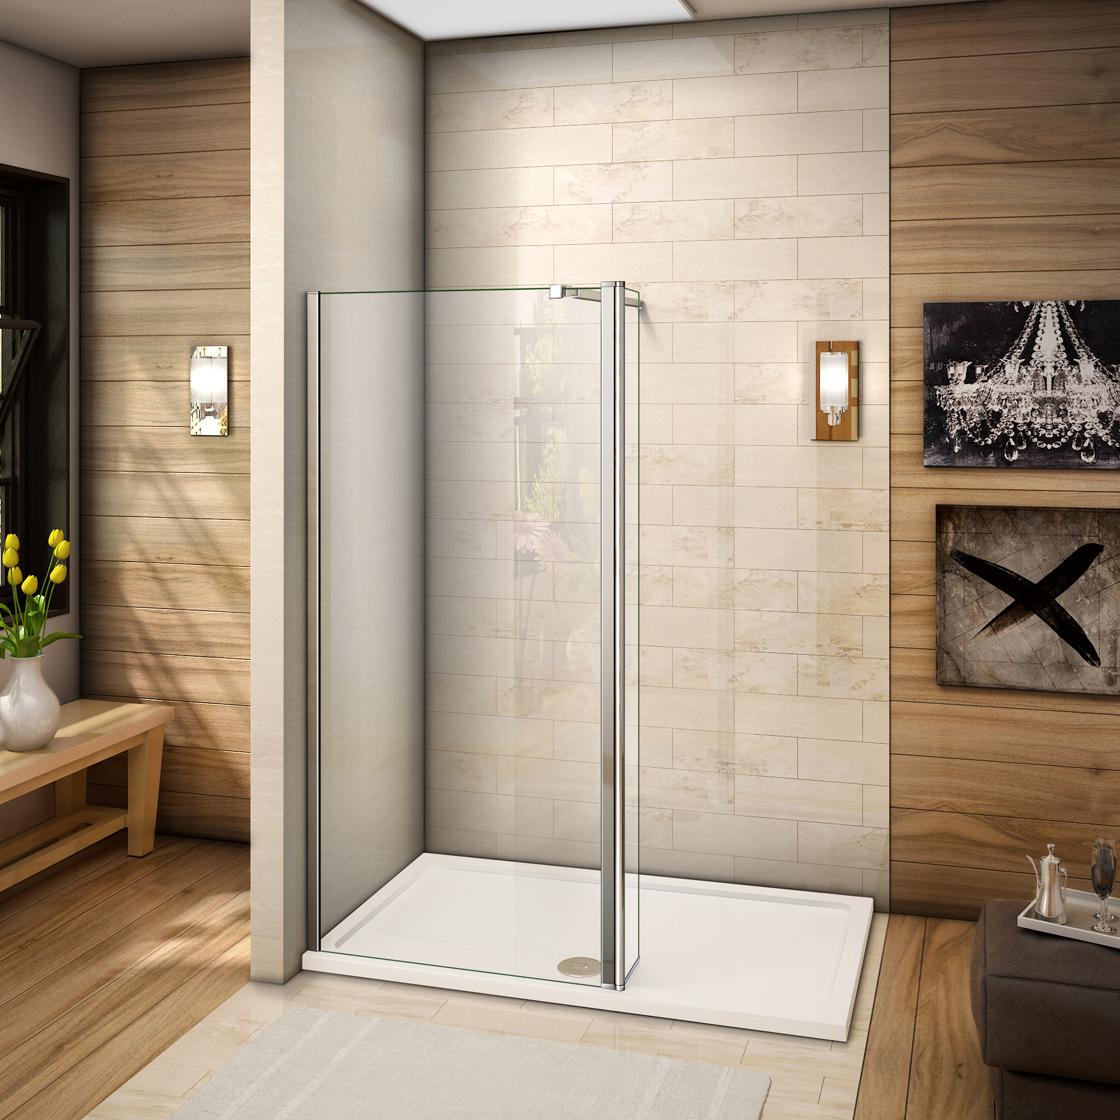 walk in duschabtrennung 8mm nano duschkabine duschwand dusche mit flipper panel ebay. Black Bedroom Furniture Sets. Home Design Ideas